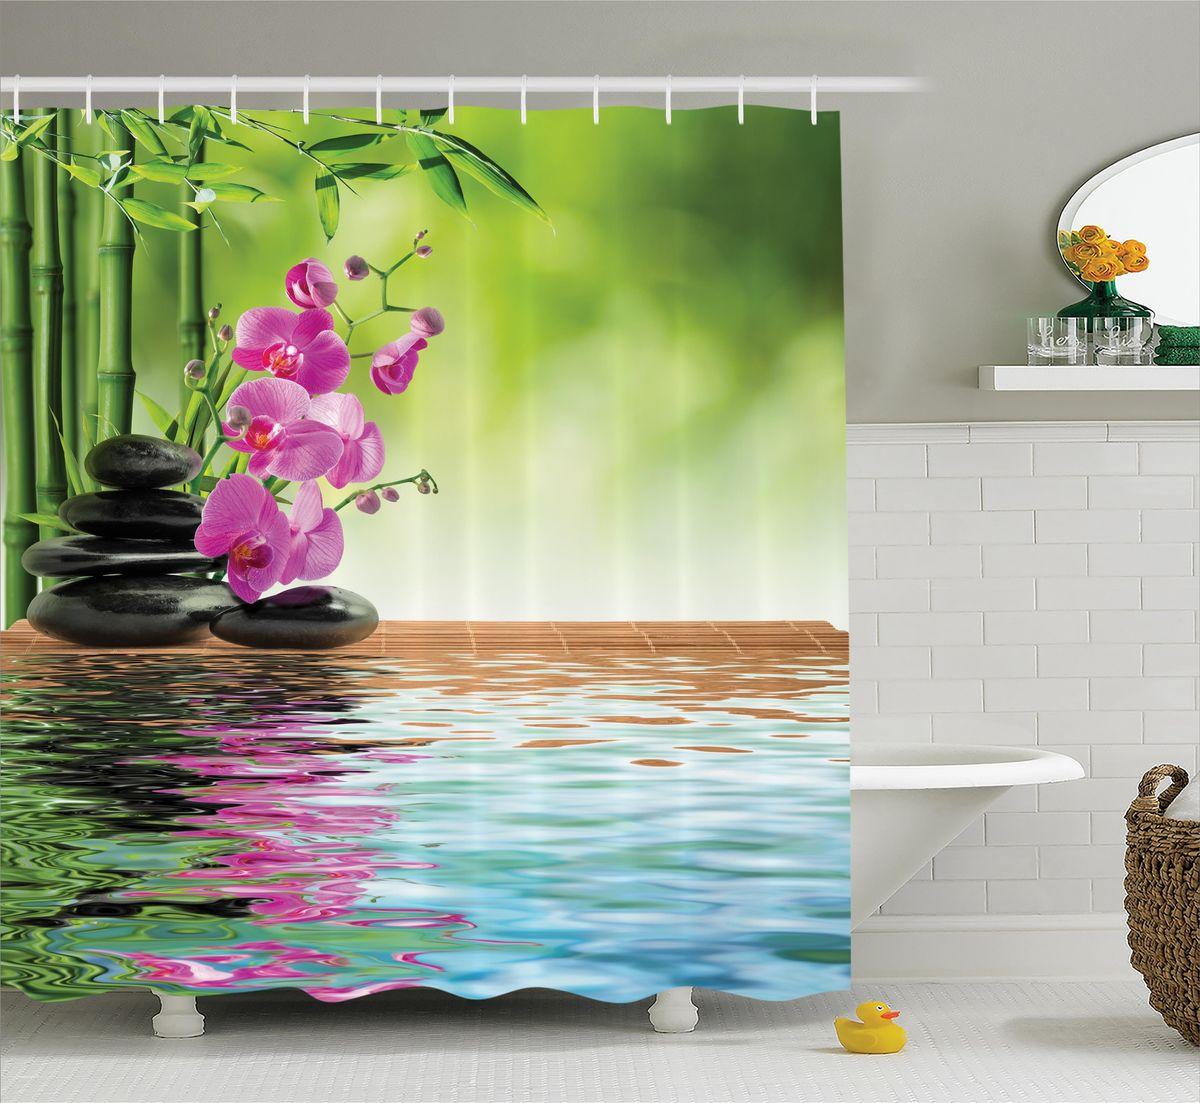 Штора для ванной комнаты Magic Lady Орхидеи у воды, 180 х 200 см47851Штора Magic Lady Орхидеи у воды, изготовленная из высококачественного сатена (полиэстер 100%), отлично дополнит любой интерьер ванной комнаты. При изготовлении используются специальные гипоаллергенные чернила для прямой печати по ткани, безопасные для человека.В комплекте: 1 штора, 12 крючков. Обращаем ваше внимание, фактический цвет изделия может незначительно отличаться от представленного на фото.